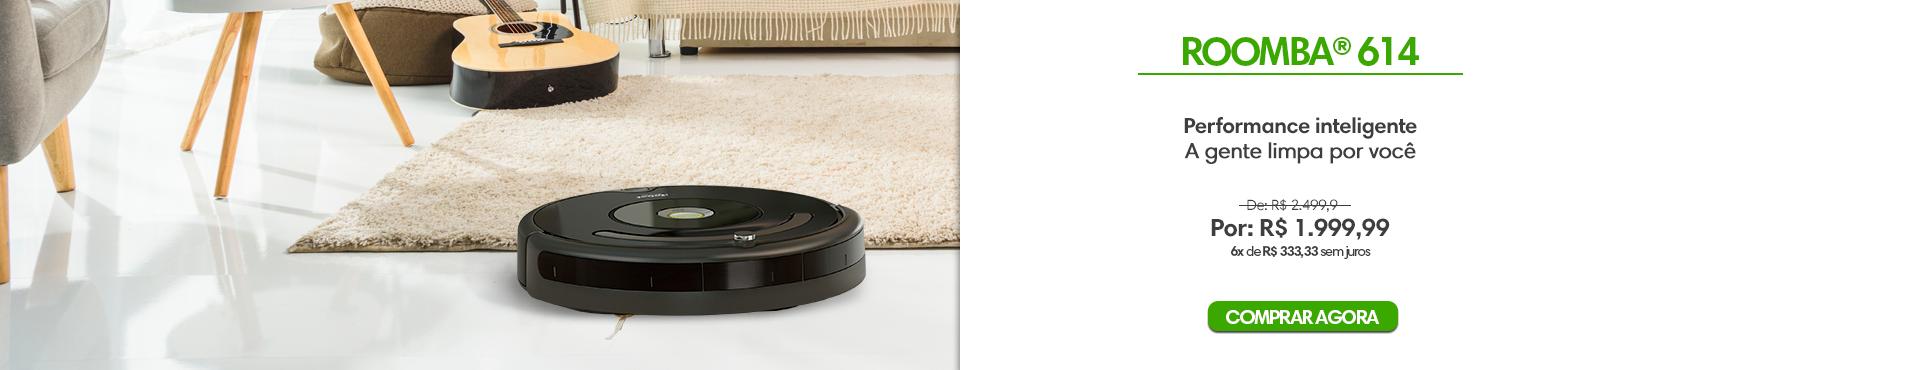 Roomba - 614